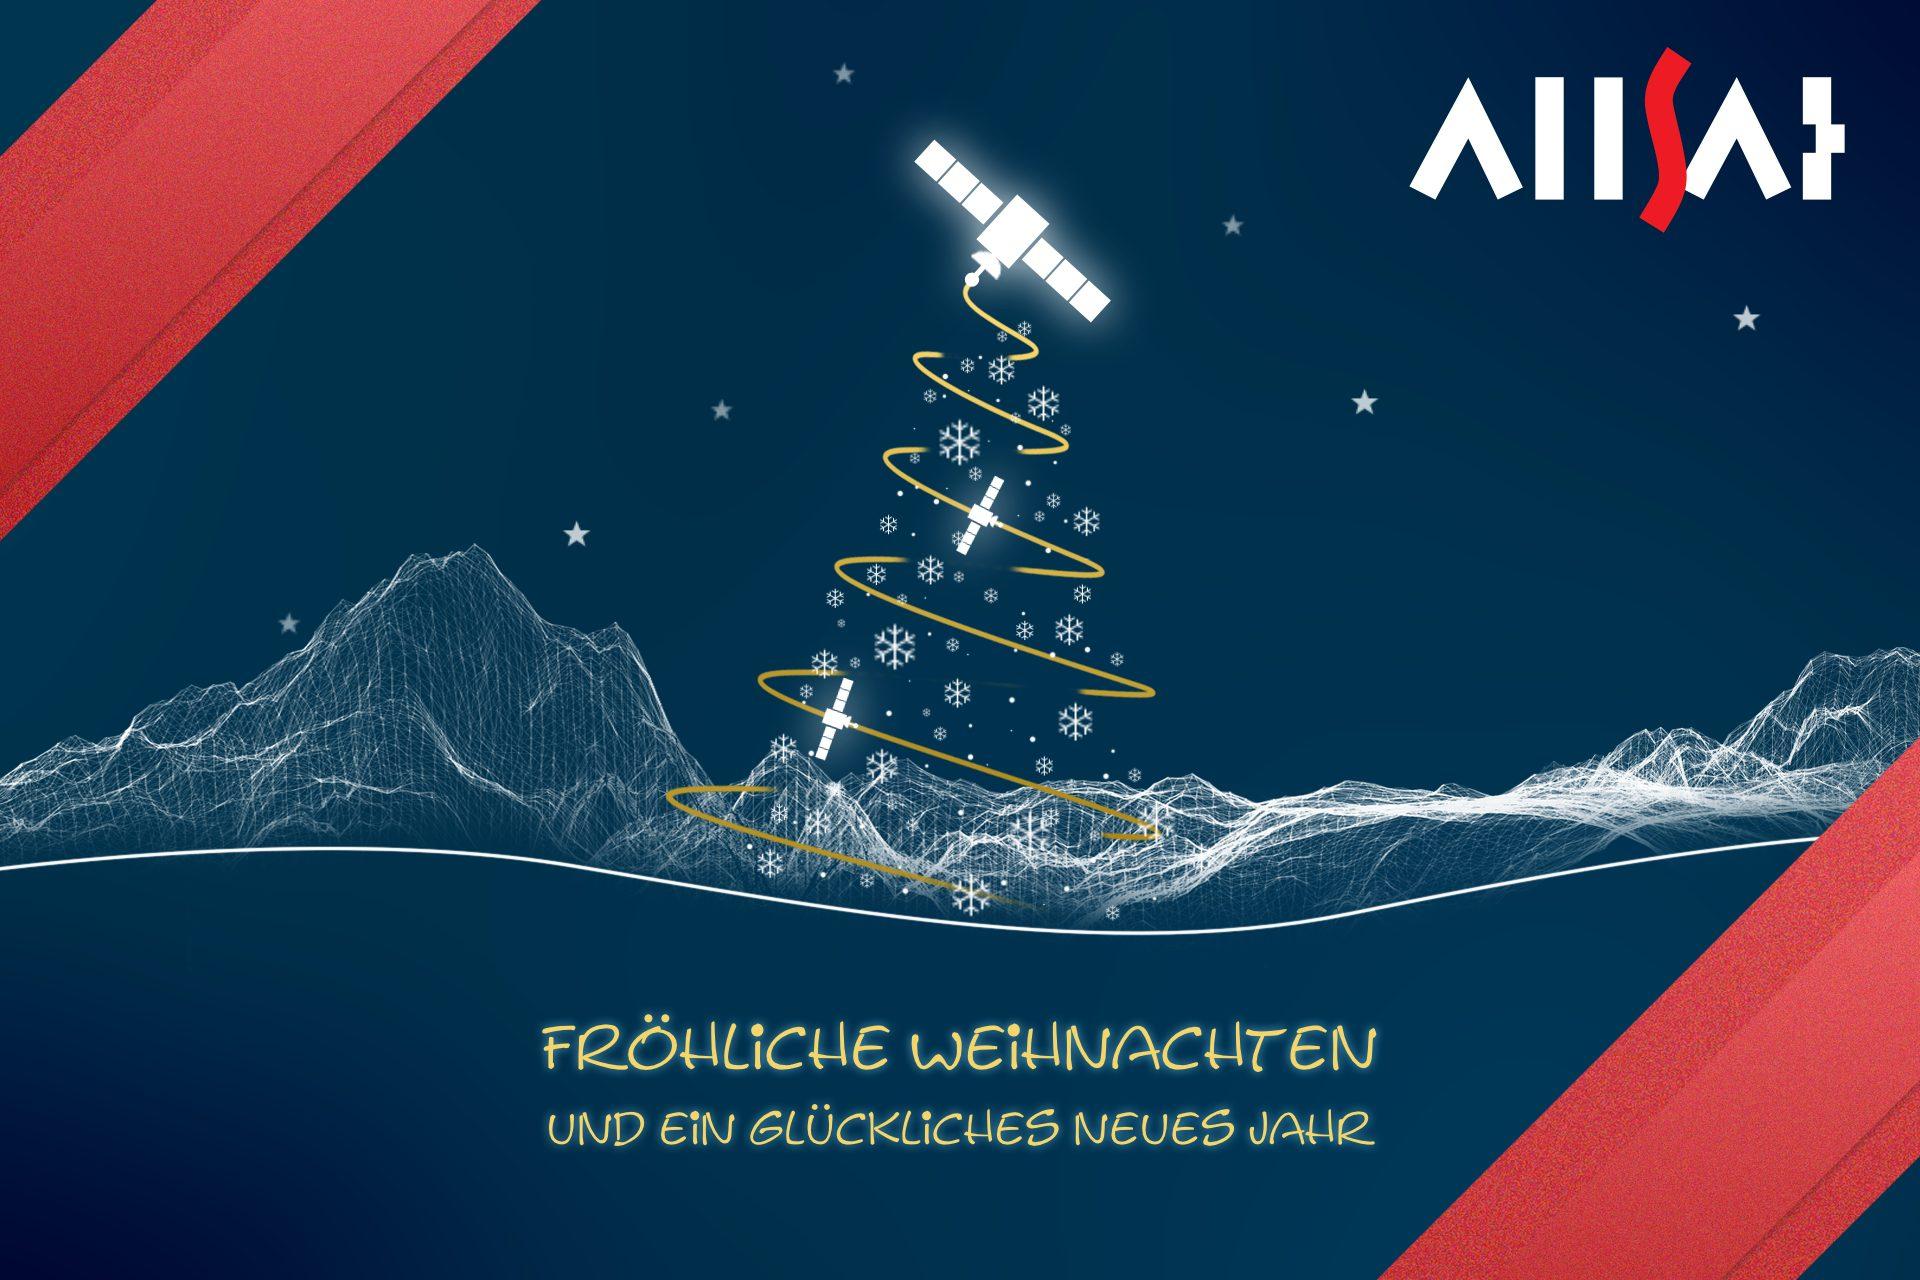 Die GNSSspezialisten der ALLSAT wünschen ein frohes Weihnachtsfest.